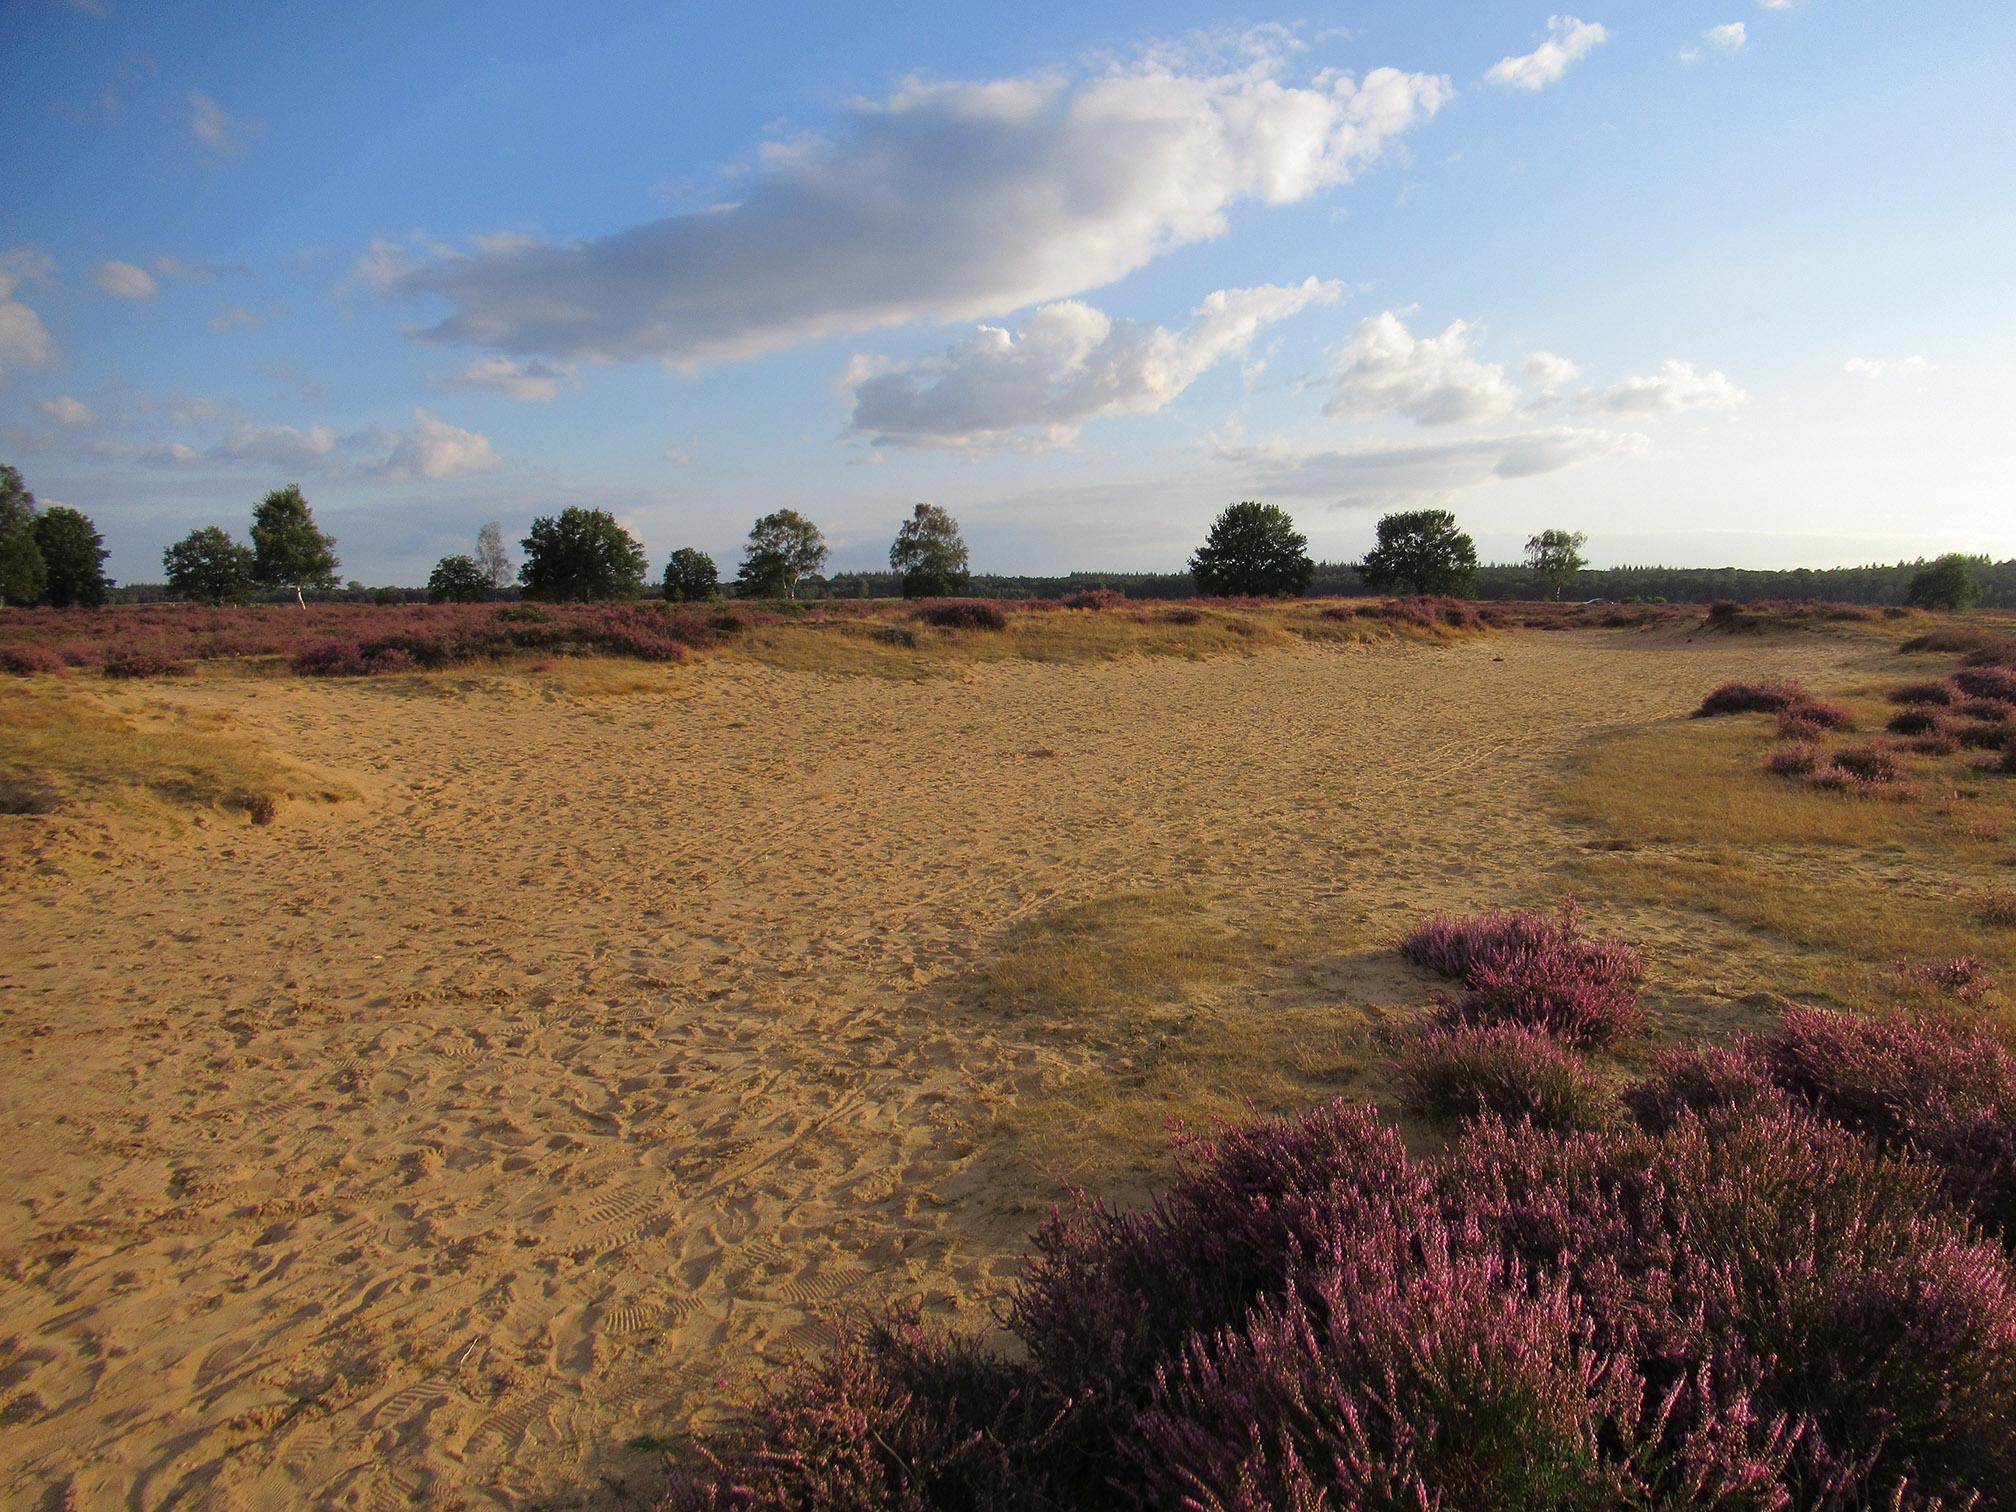 En dan zien we een uitgesleten zandbaan of schapendrift, wie zal het zeggen...? Maar het is wel een mooie onderbreking in de bloeiende heide - Foto: ©Fransien Fraanje